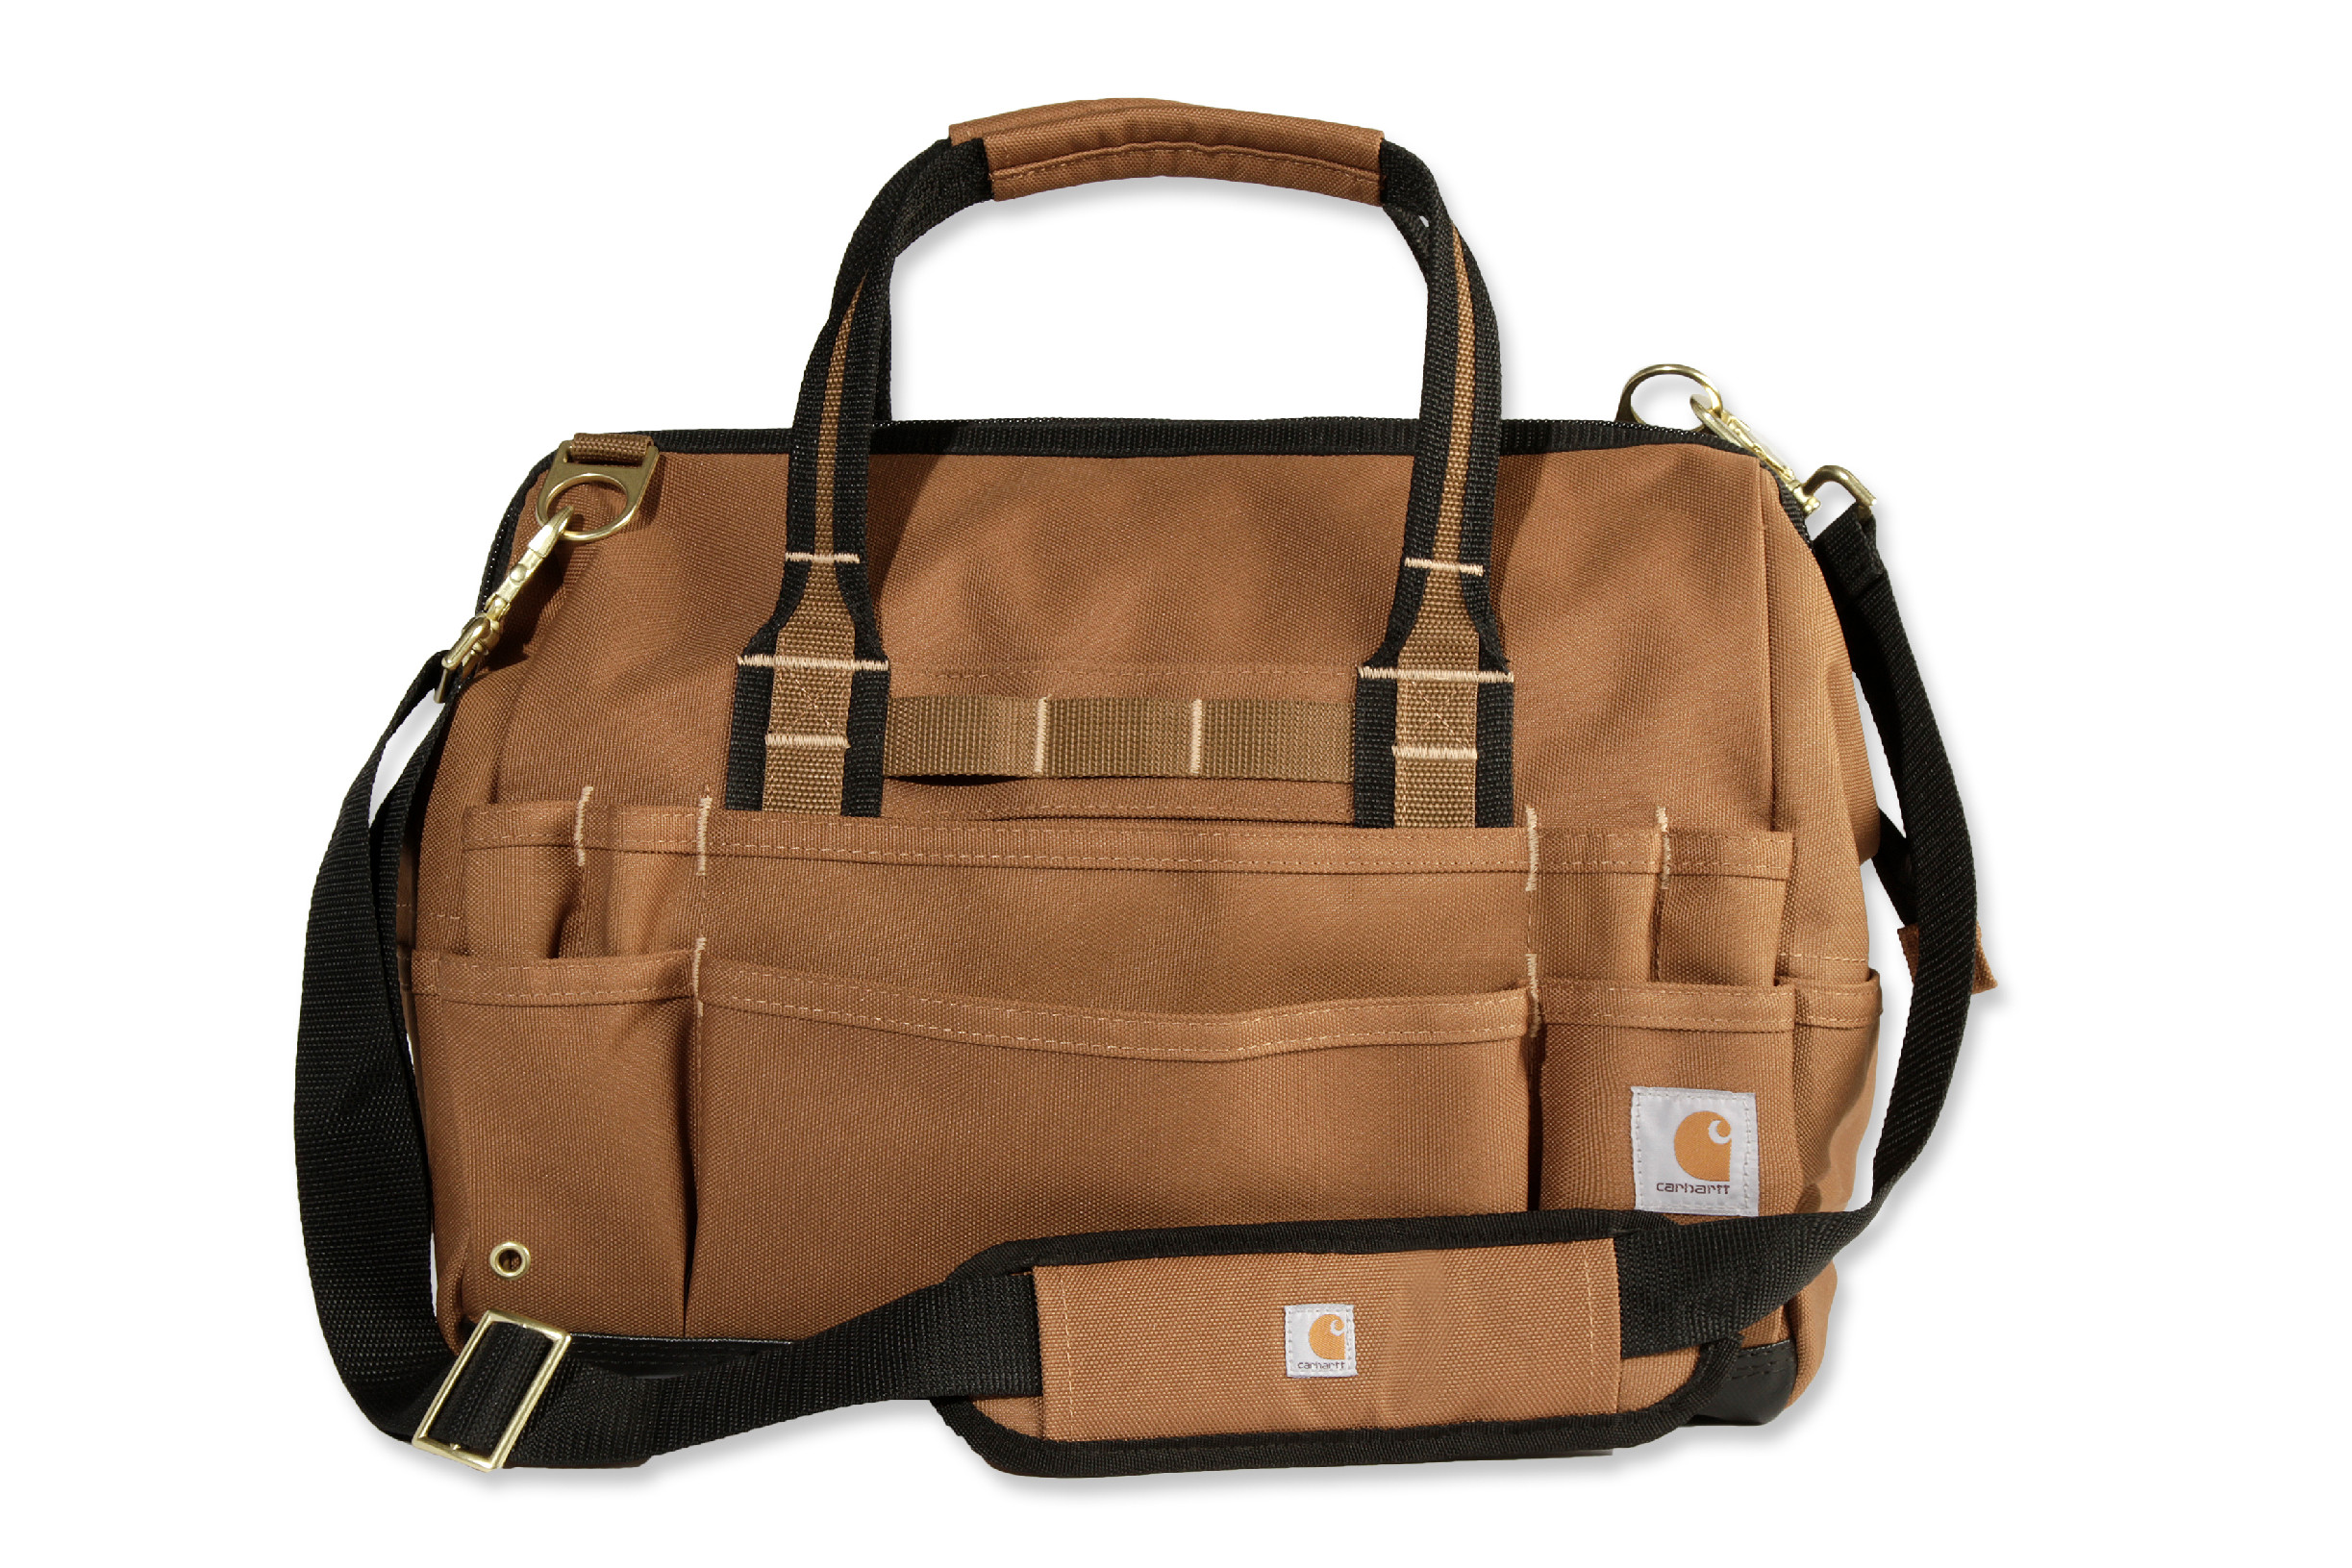 Taška na nářadí Carhartt Legacy 16 Tool Bag